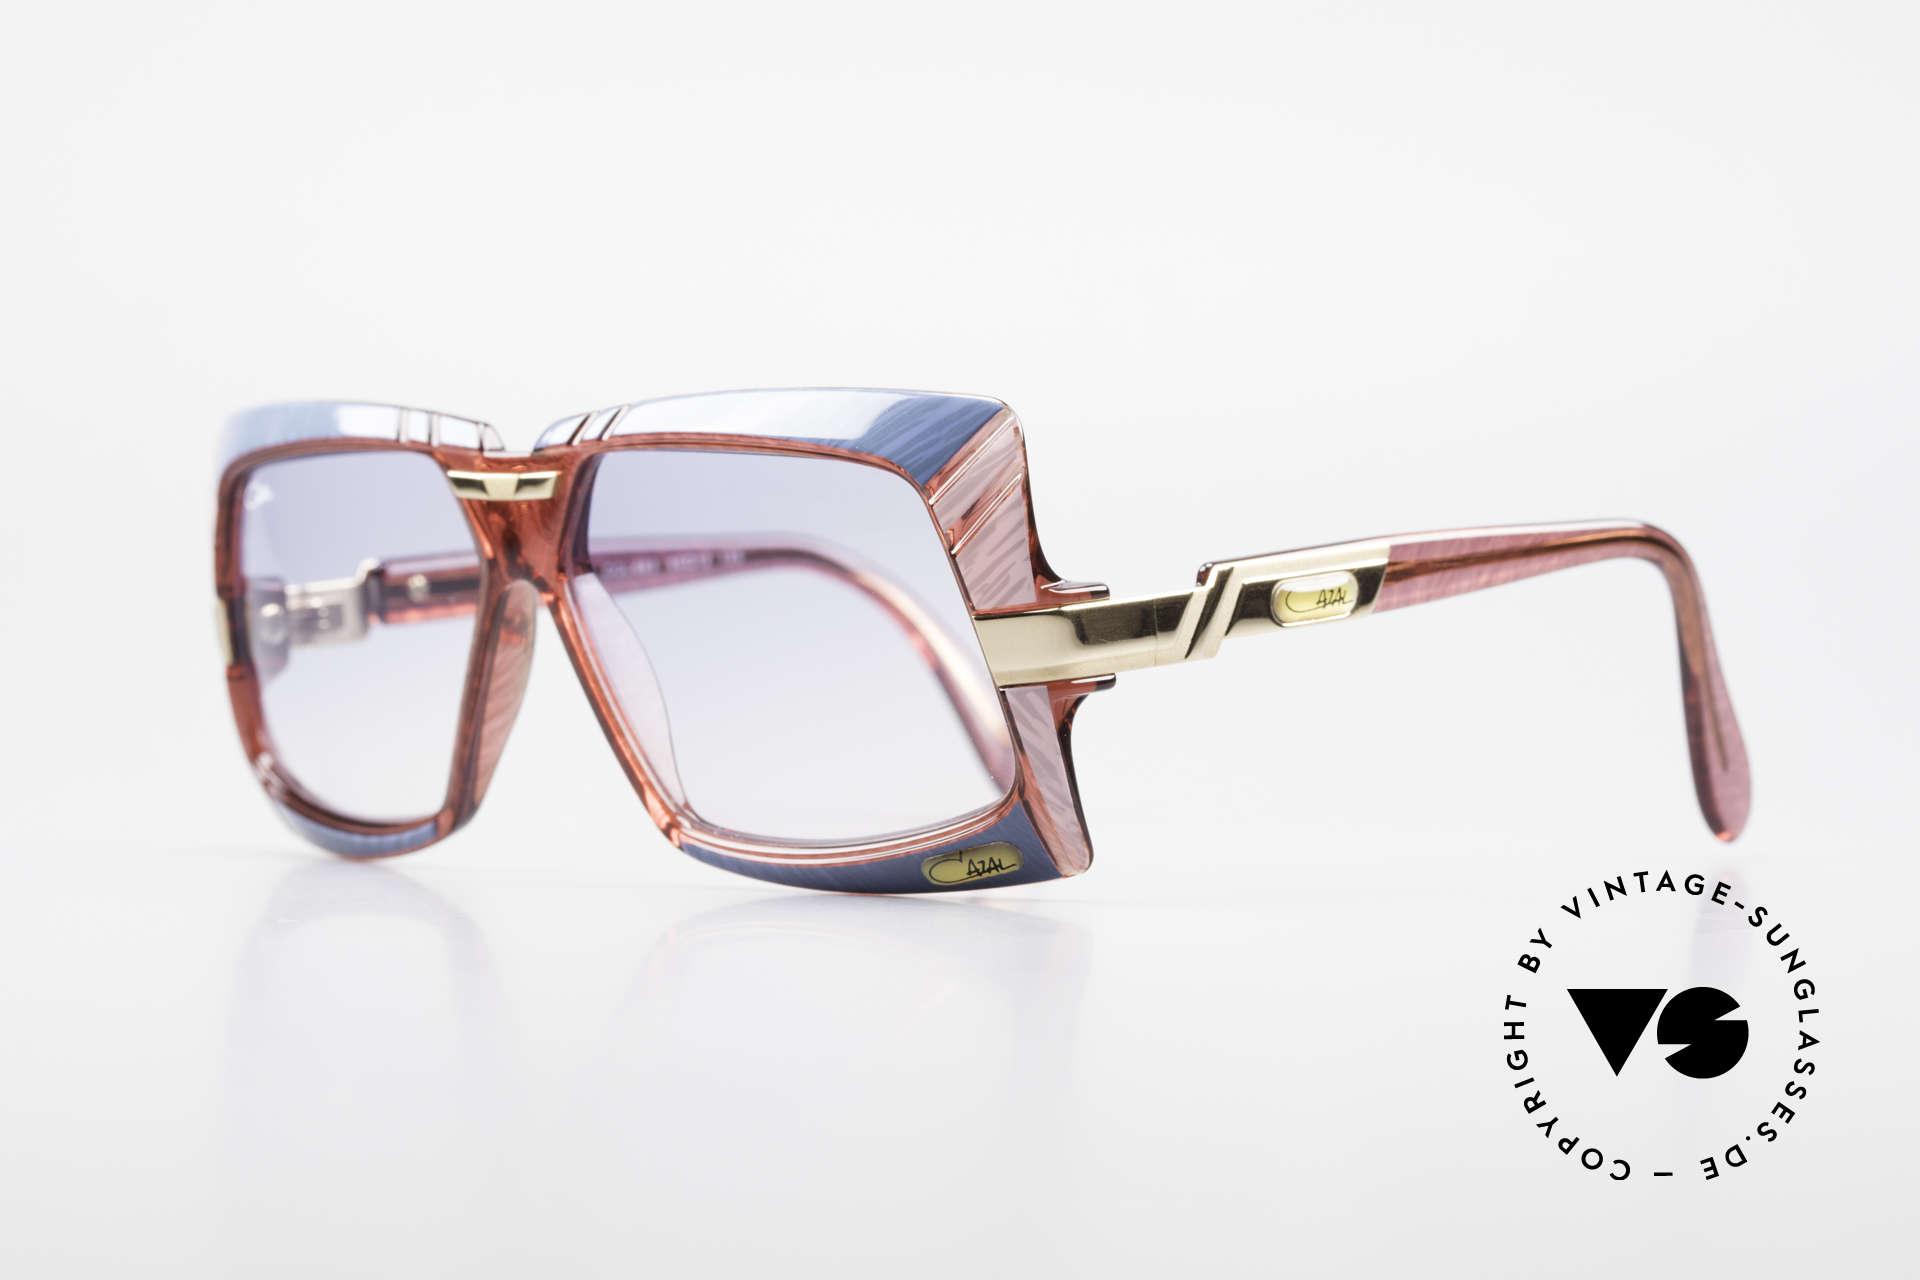 Cazal 869 Alte 80er Vintage Sonnenbrille, Farbbezeichnung: azurblau - rosa meliert / kristall rosé, Passend für Herren und Damen